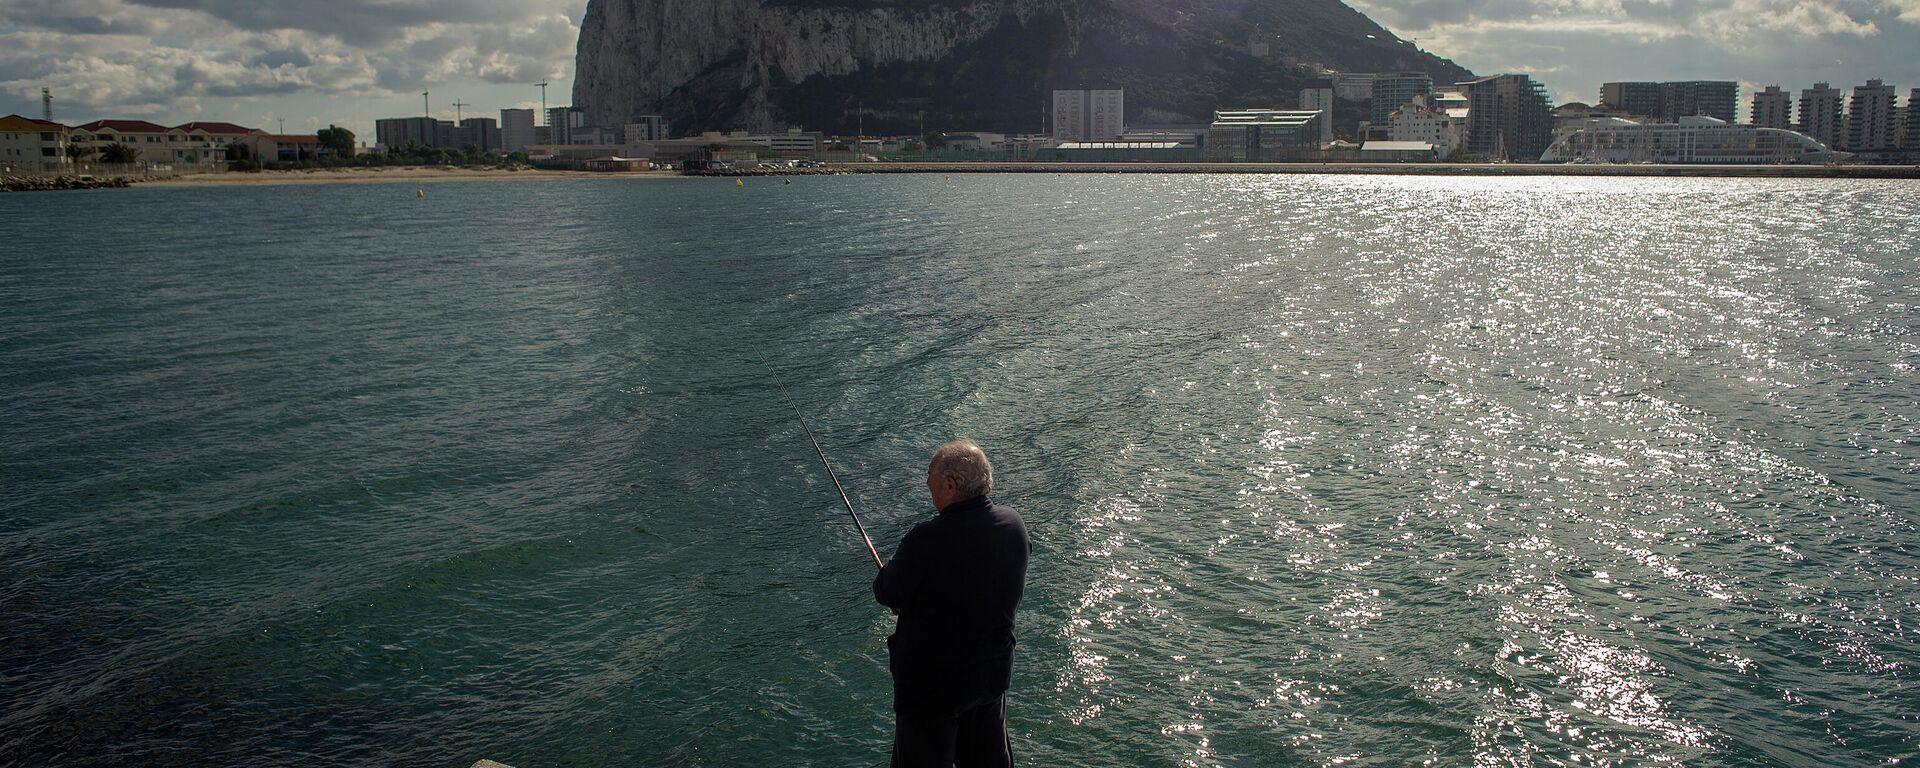 Hombre pescando frente a Gibraltar - Sputnik Mundo, 1920, 25.03.2021